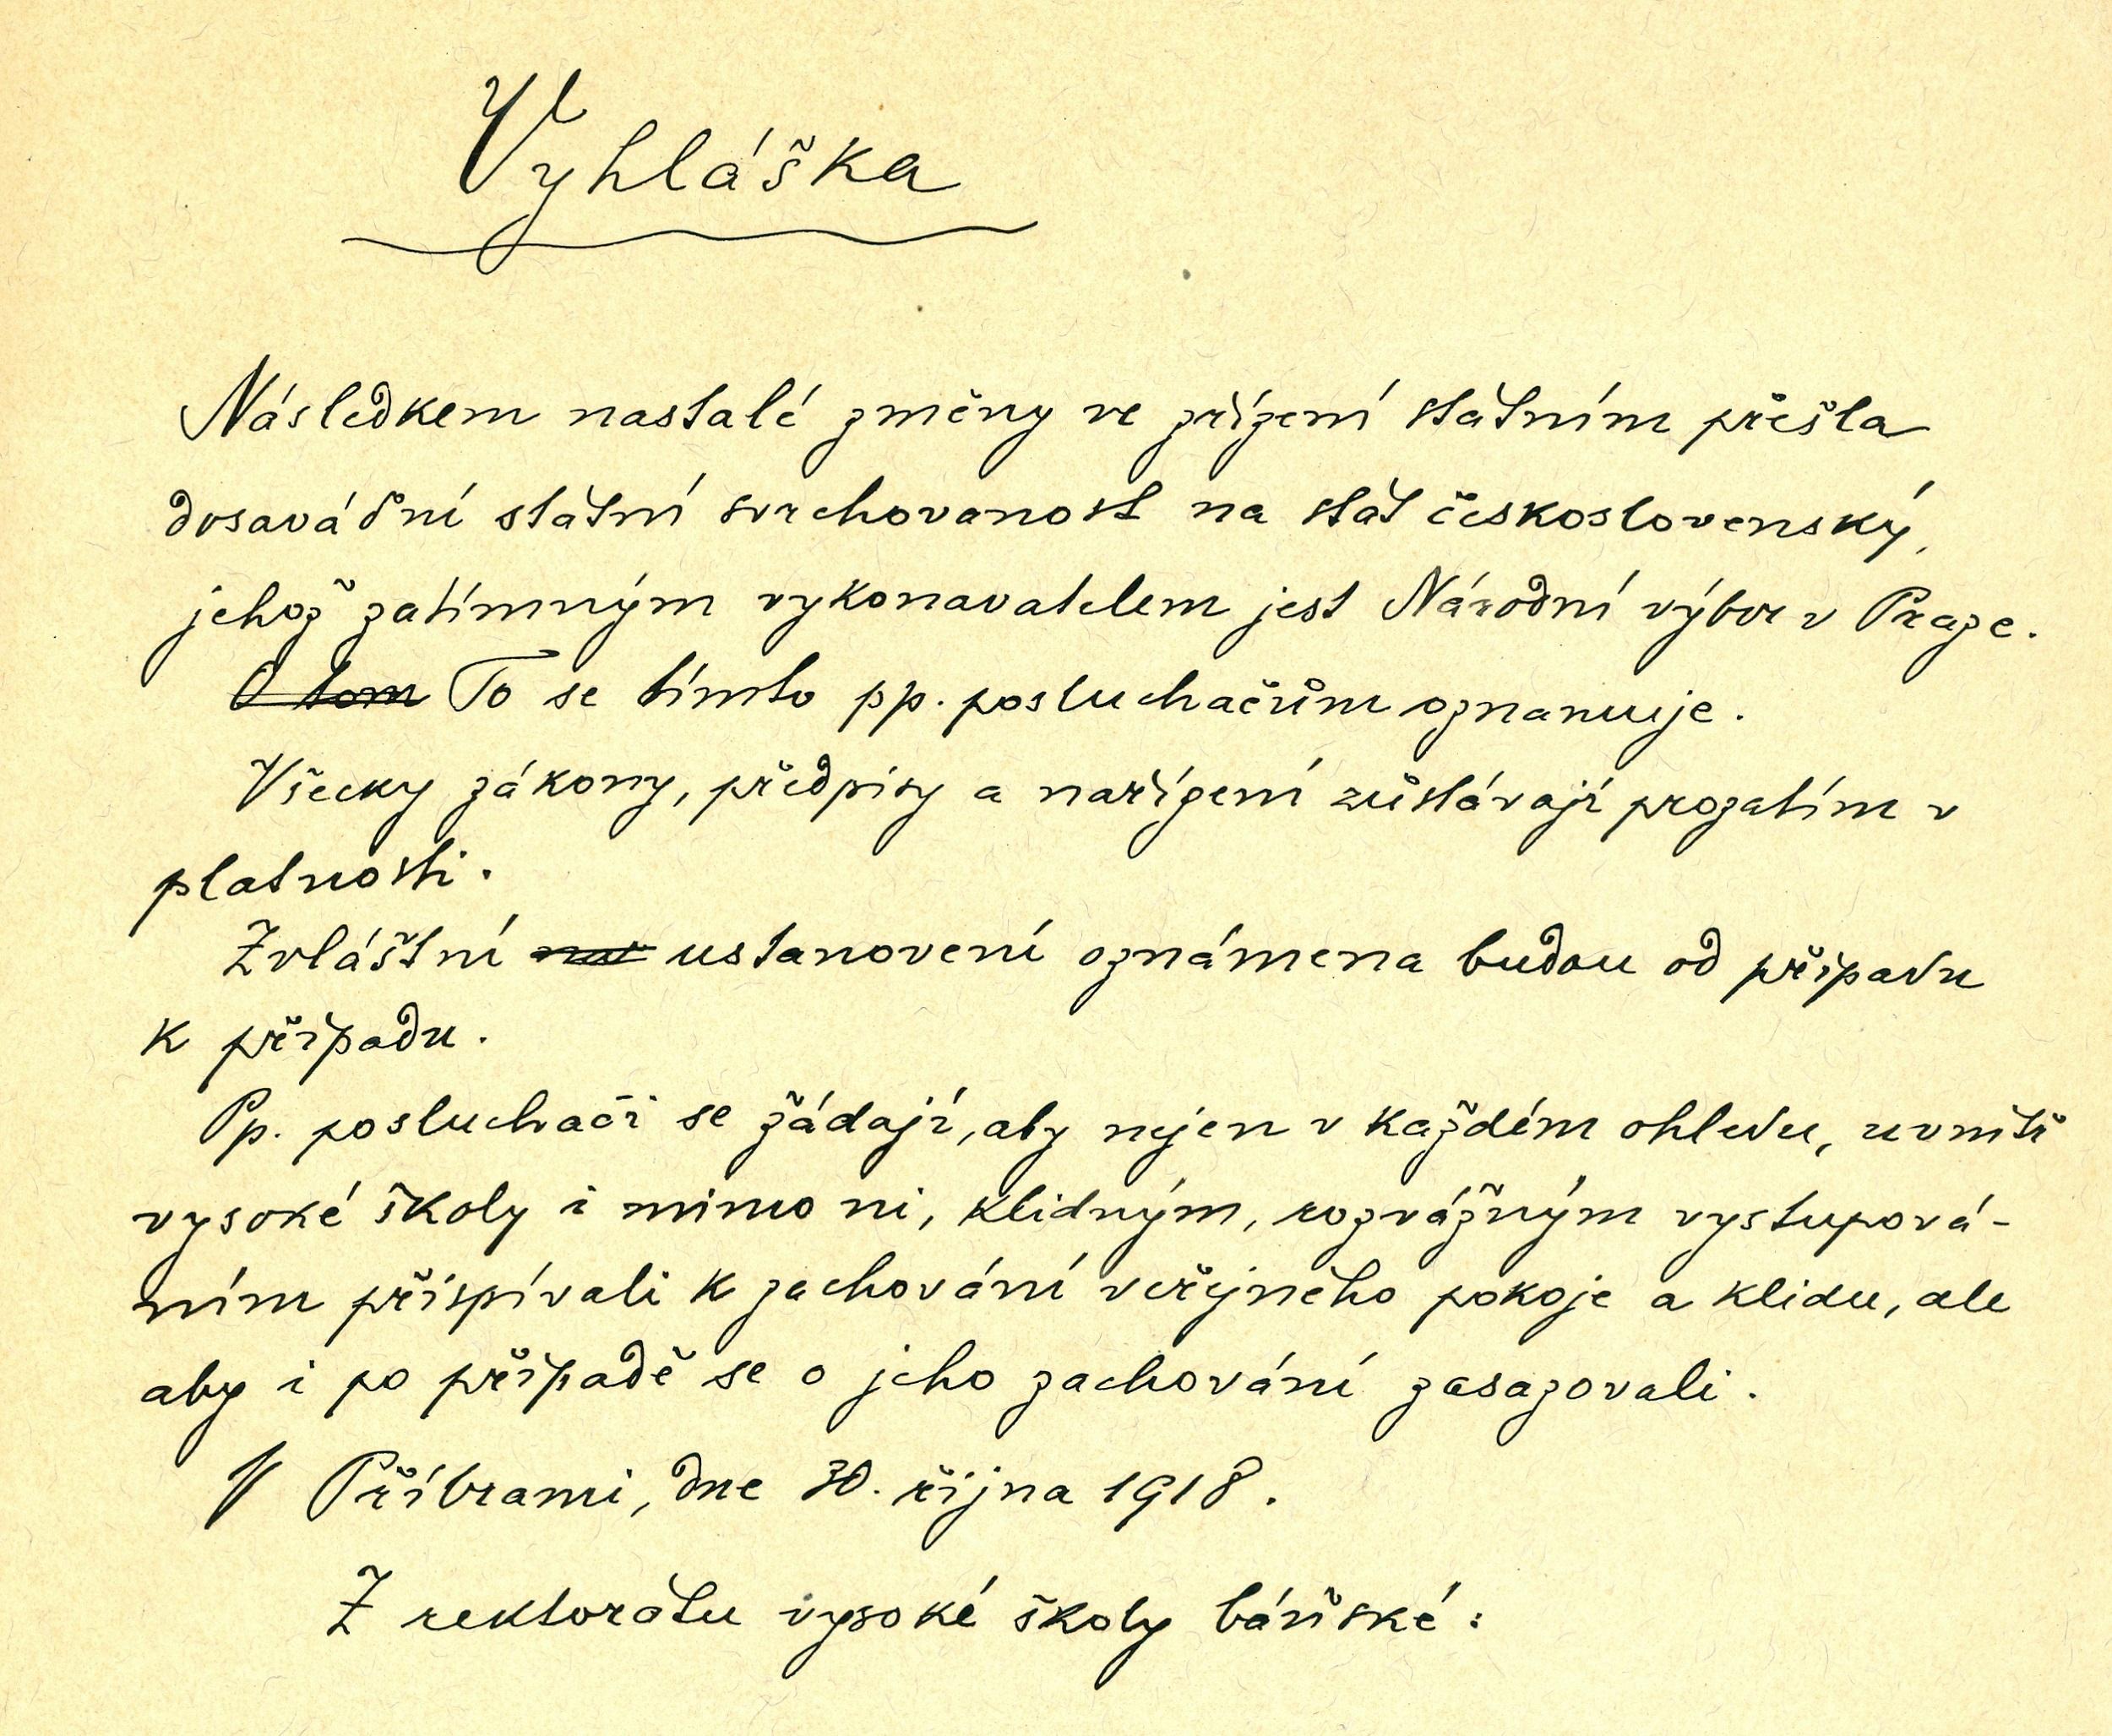 Vyhláška rektorátu pro posluchače VŠB